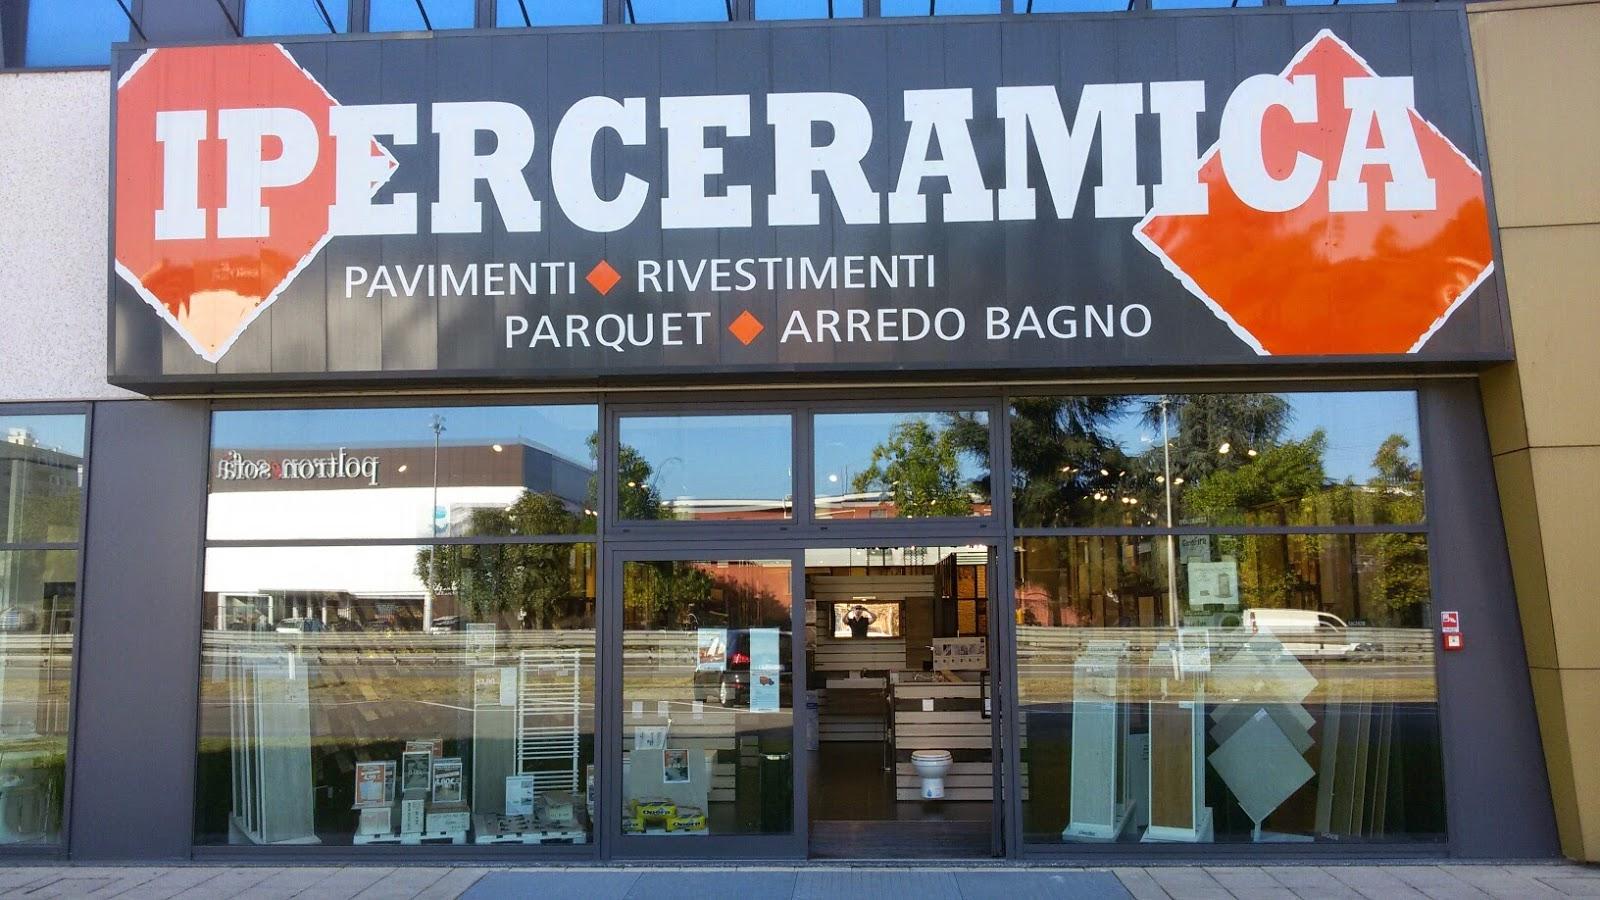 Lavoro italia iperceramica ricerca addetti vendita e for Iperceramica como